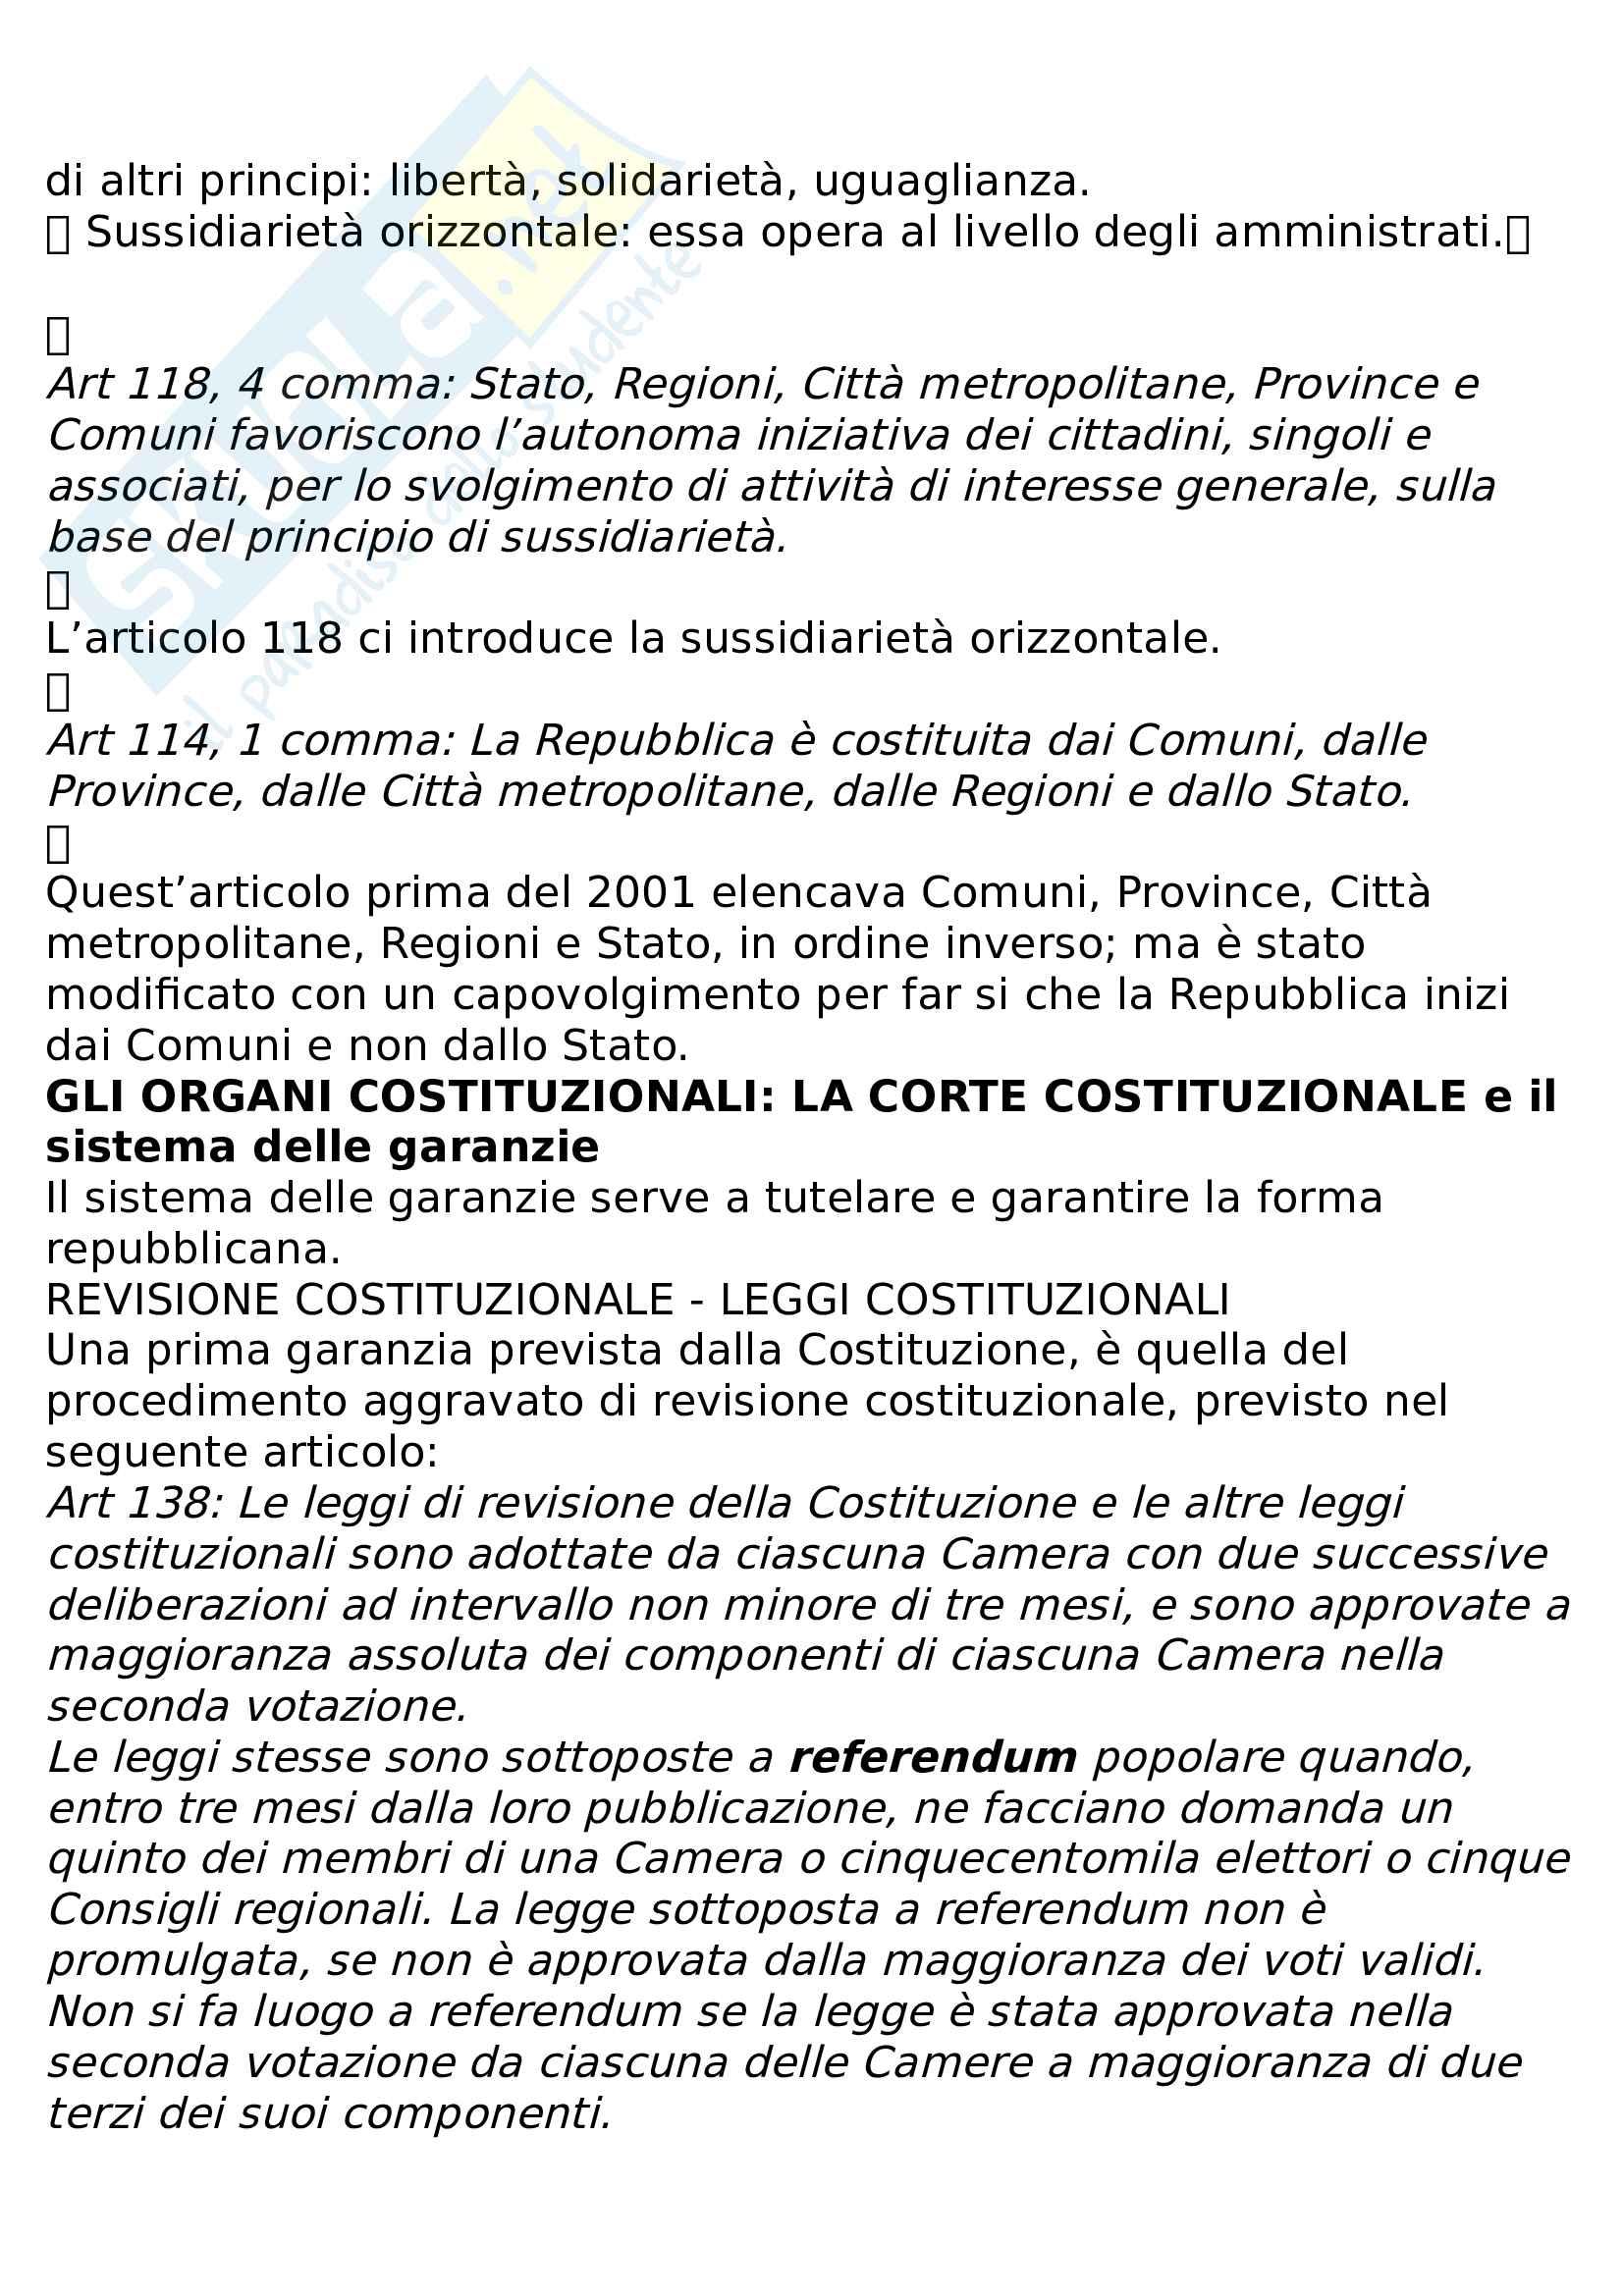 Riassunto diritto pubblico e amministrativo Pag. 31